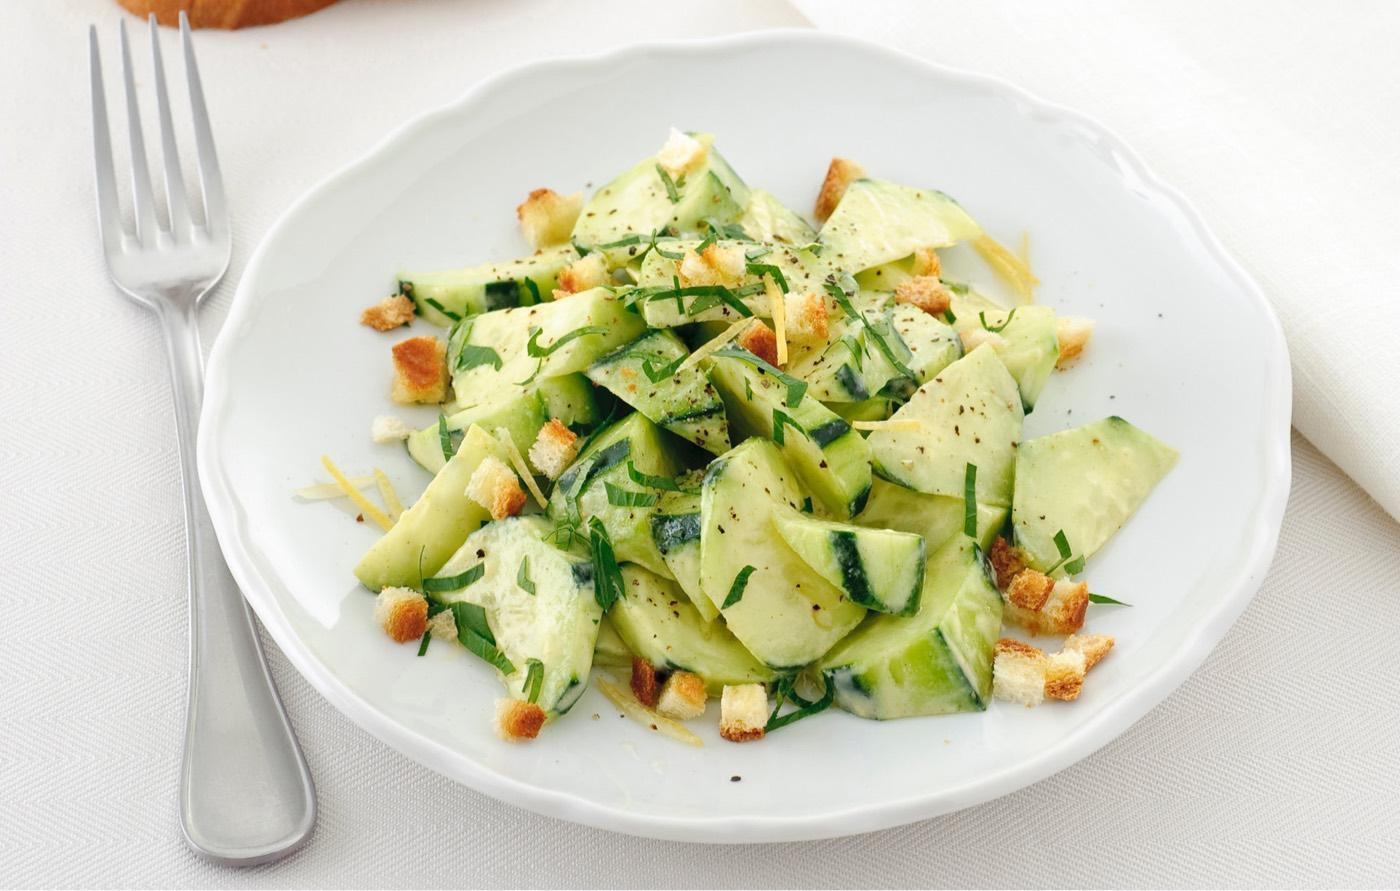 Ricetta veloce per realizzare insalata sfiziosa e particolare a base di finocchi, asparagi e zucchine alla senape